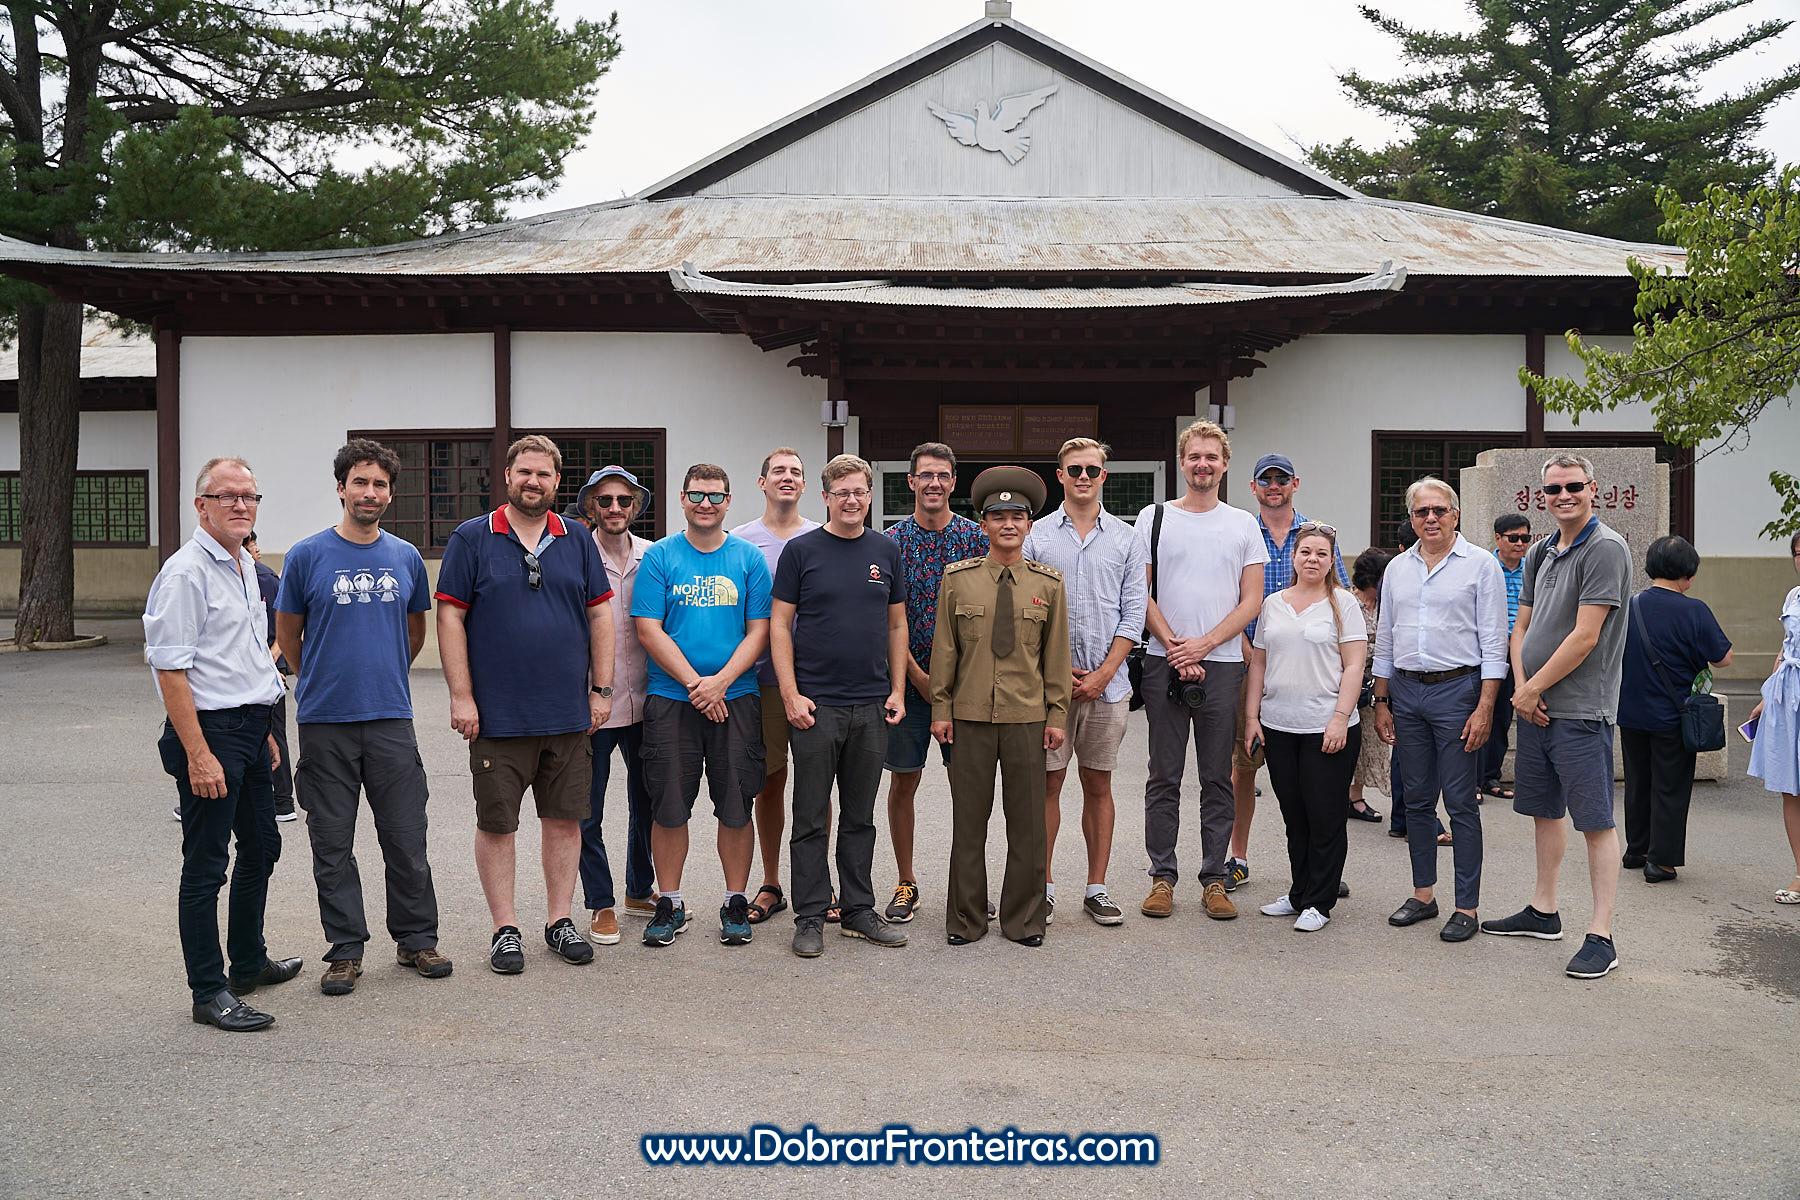 Fotografia de grupo de turistas com militar na DMZ Coreia do Norte